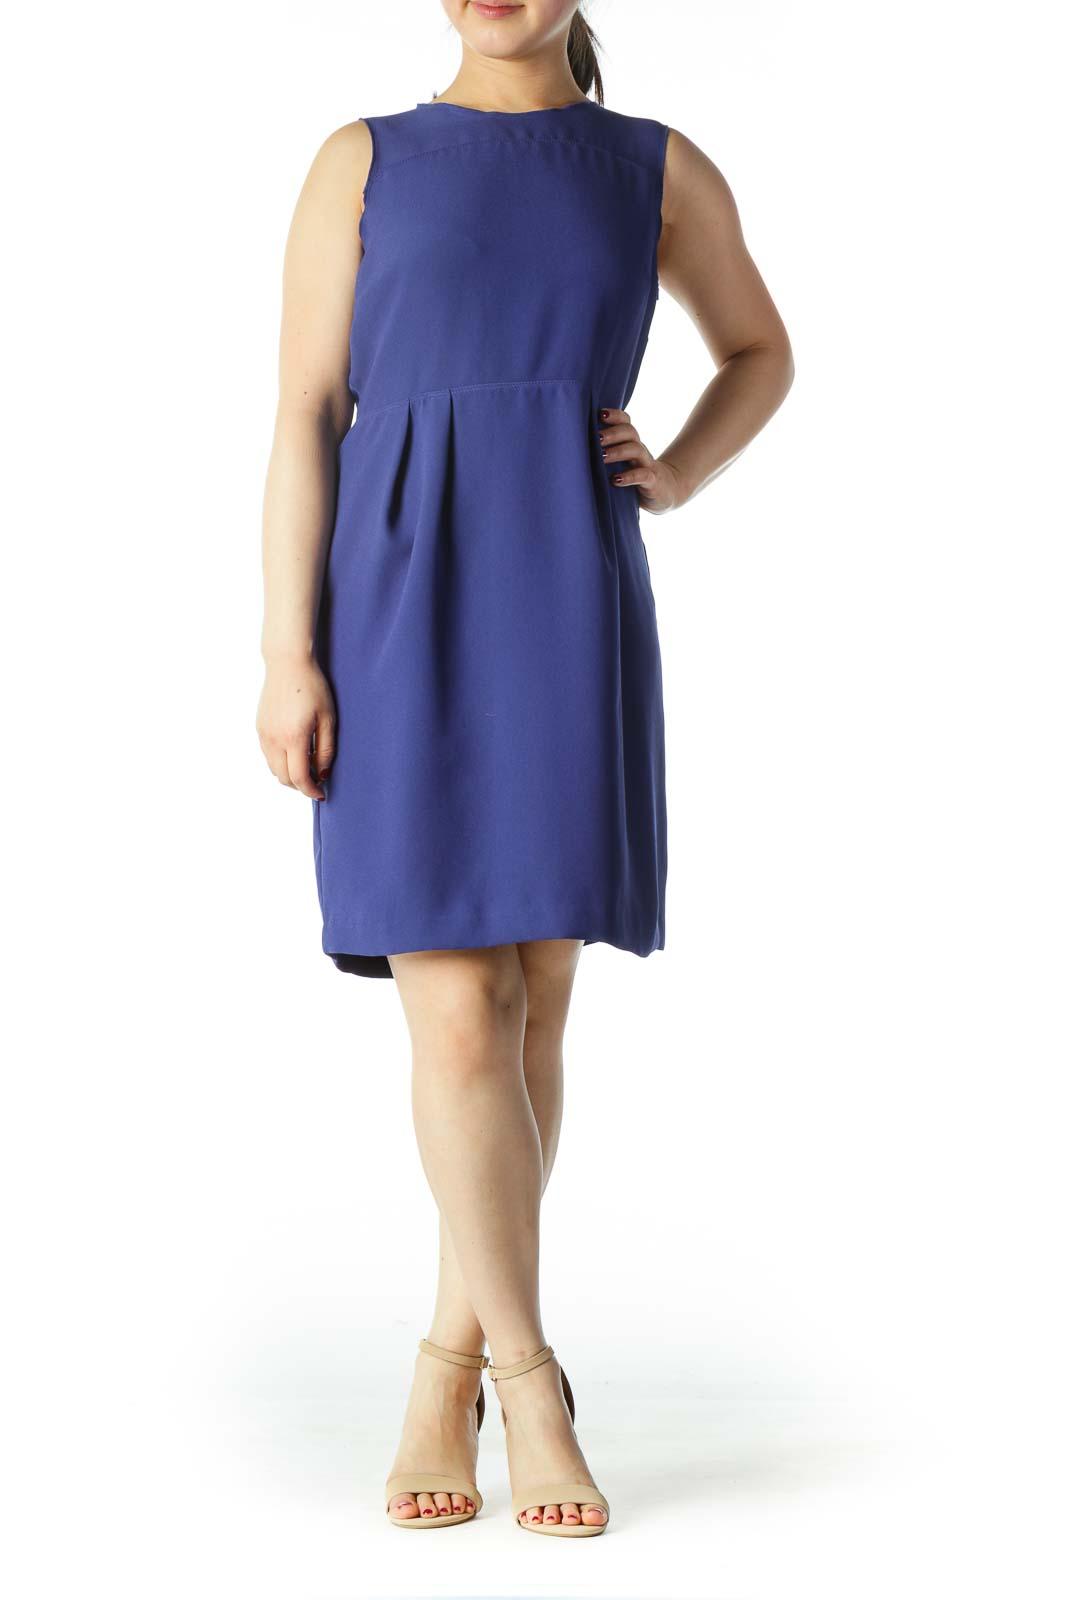 Blue Round Neck A-Line Work Dress